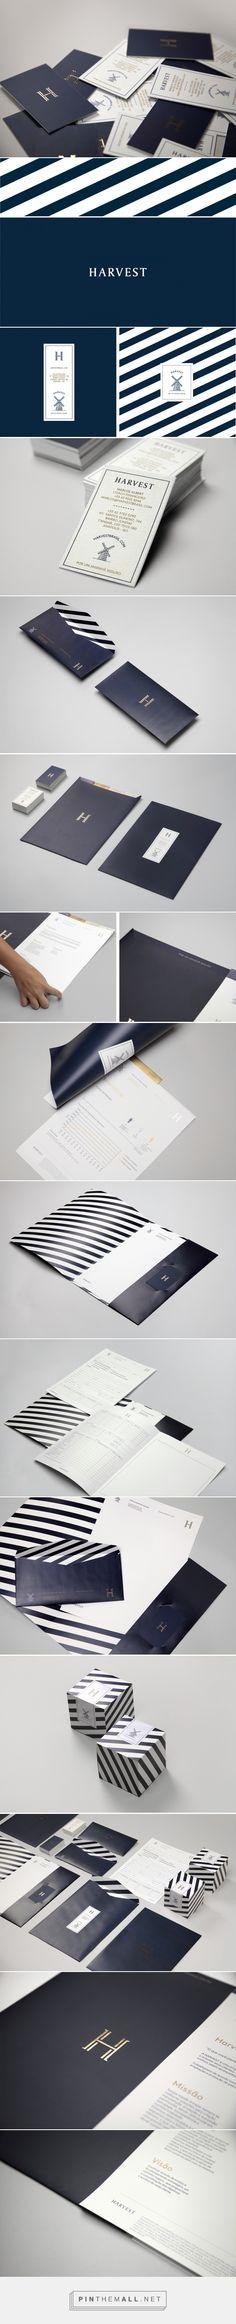 Harvest Branding on Behance | Fivestar Branding – Design and Branding Agency & Inspiration Gallery